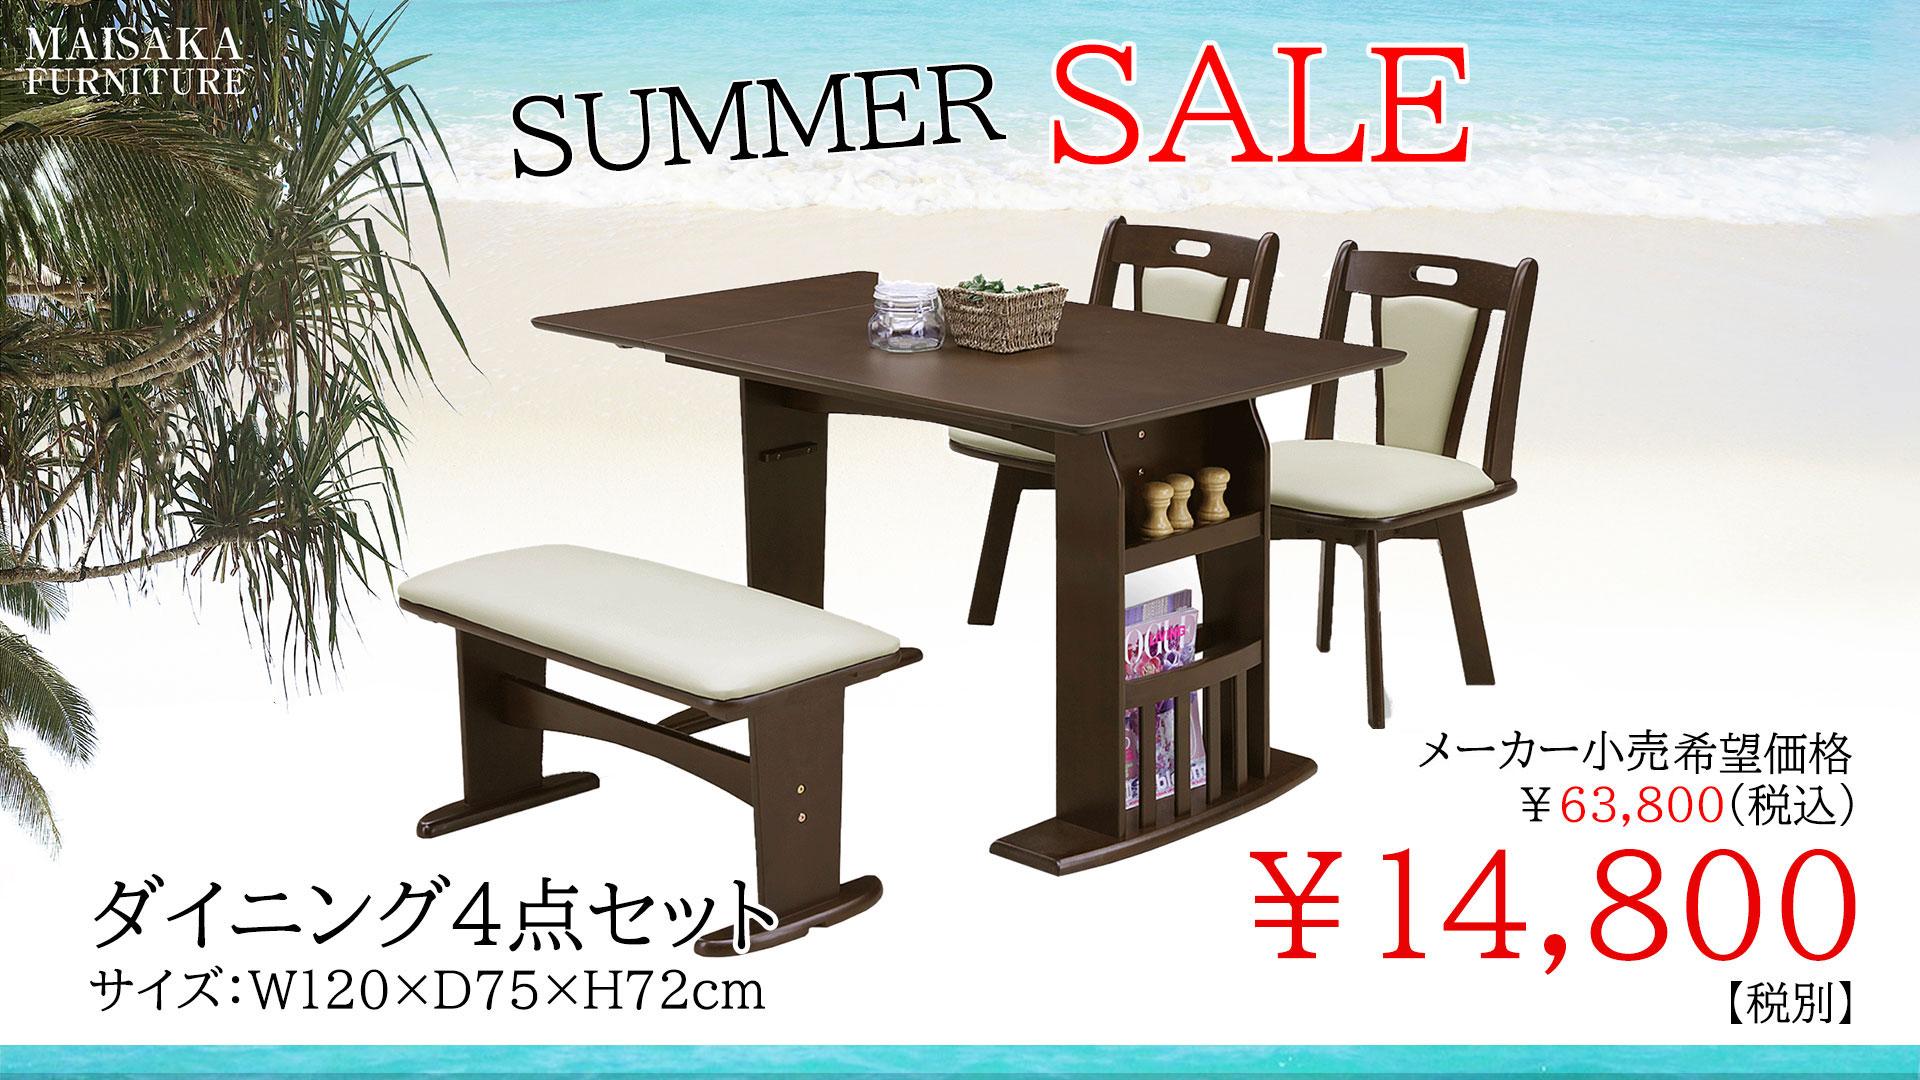 マイサカ家具7月の夏のチラシの目玉商品の片バタタイプのダイニング3点セットの画像